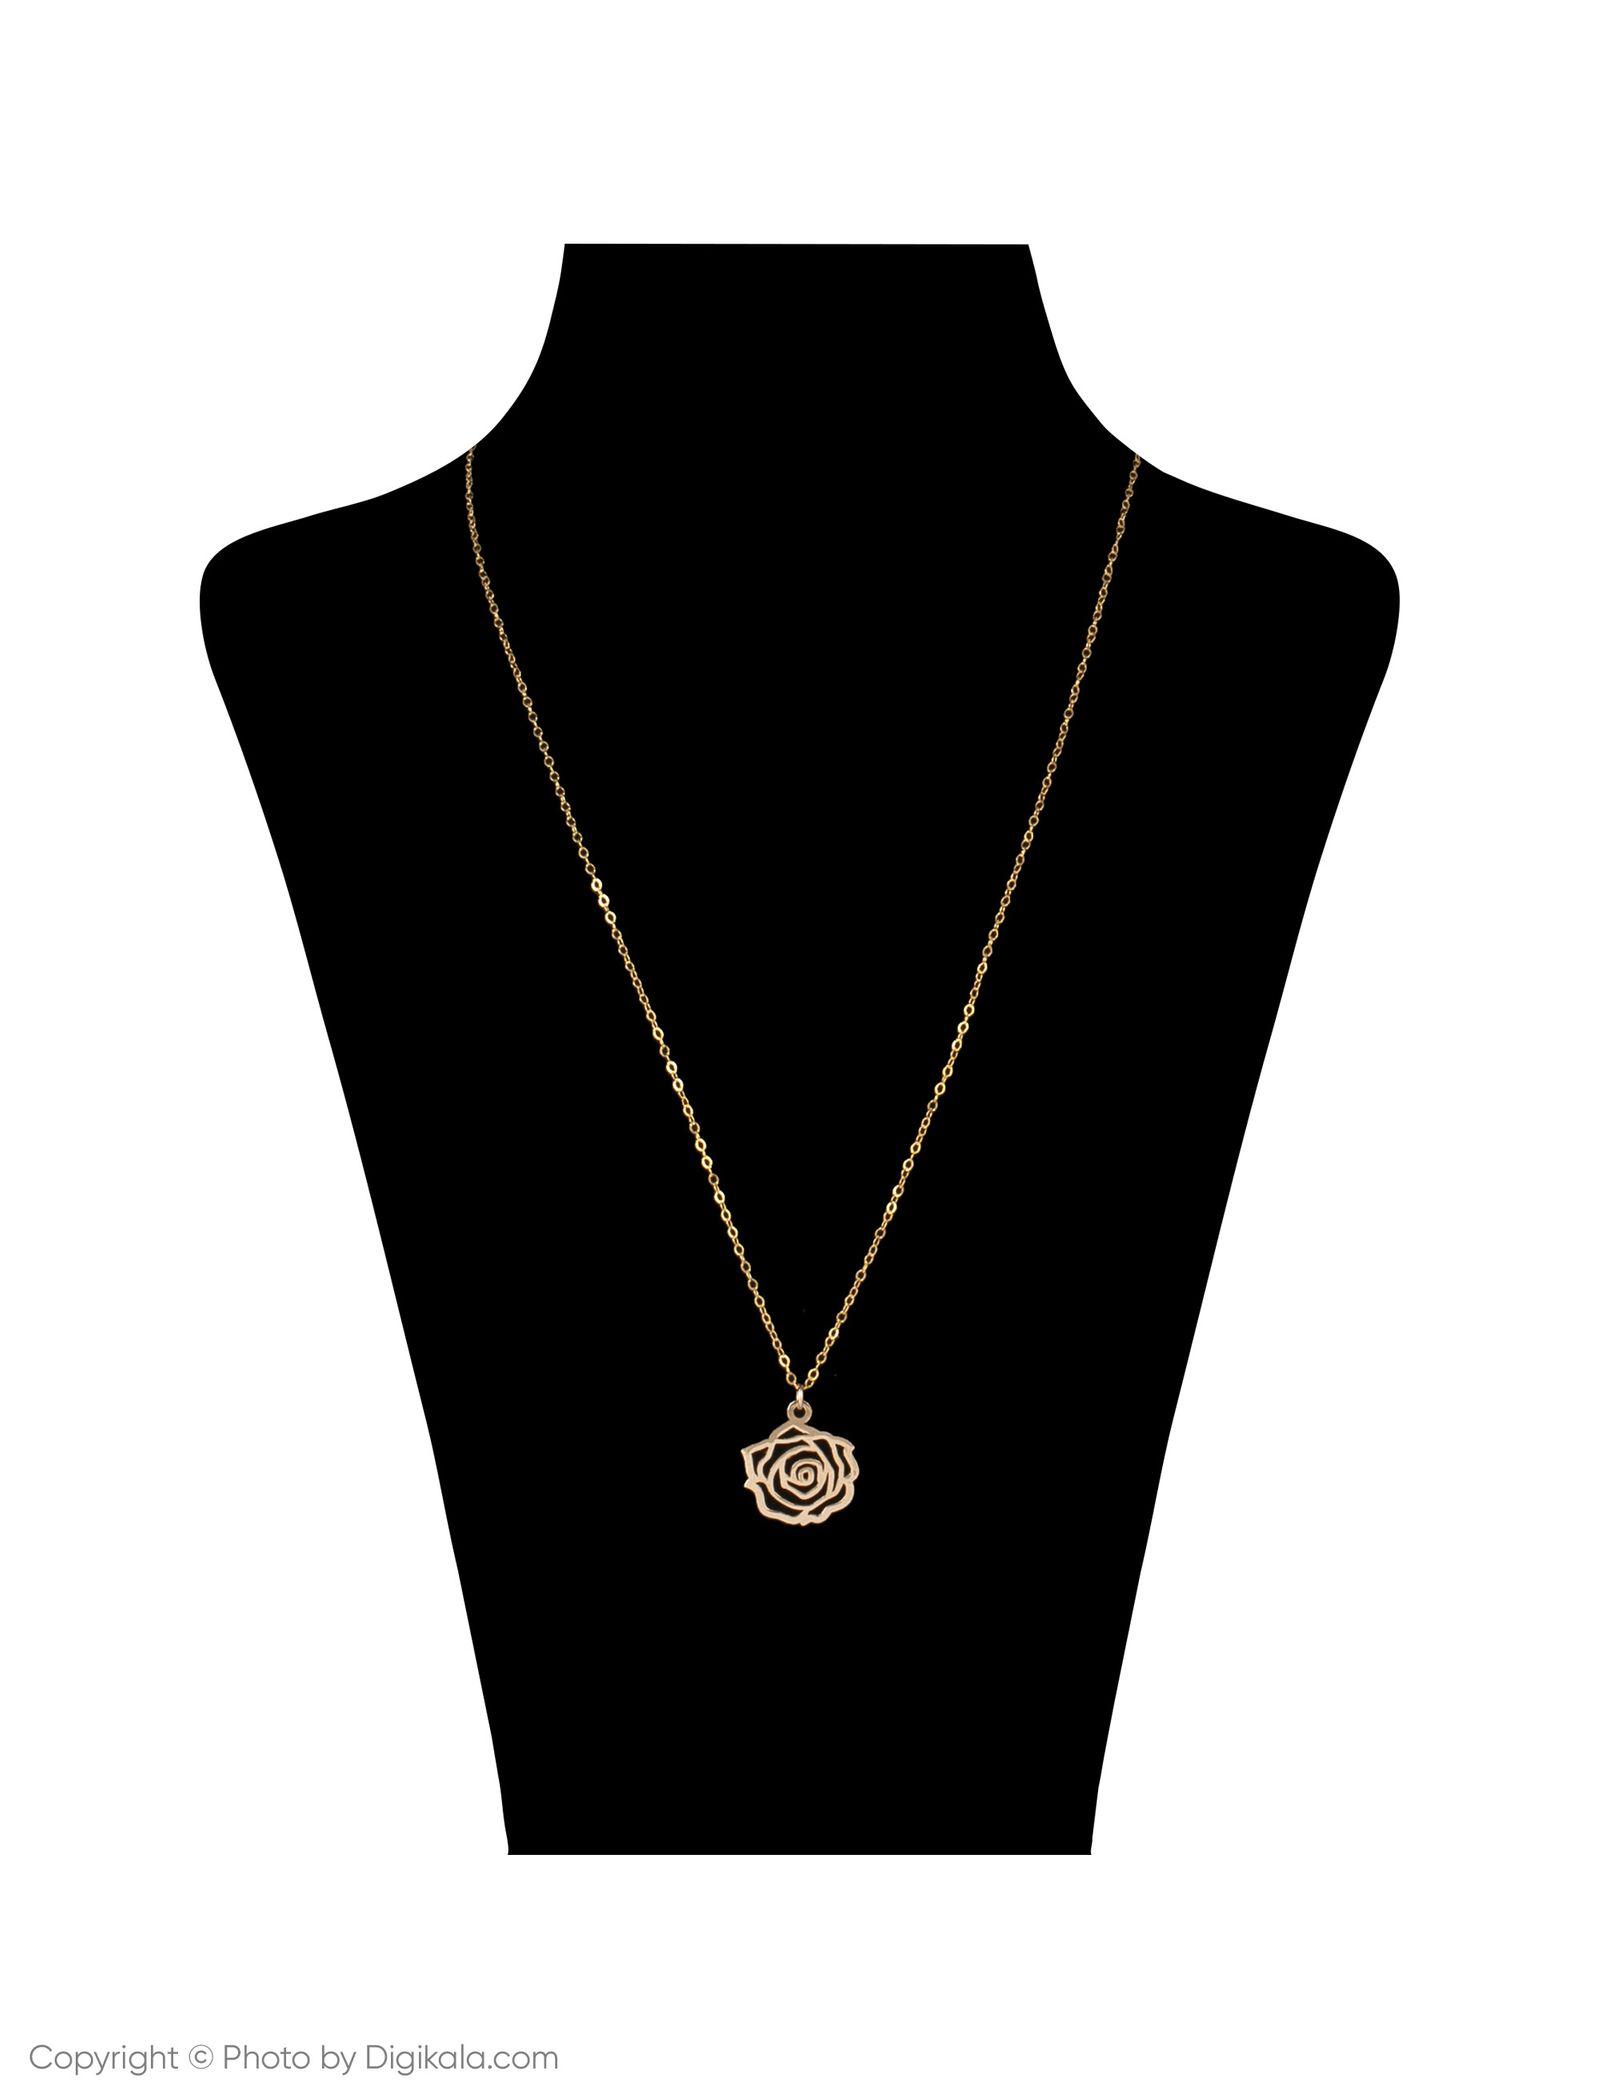 گردنبند طلا 18 عیار زنانه مایا ماهک مدل MM0959 -  - 6